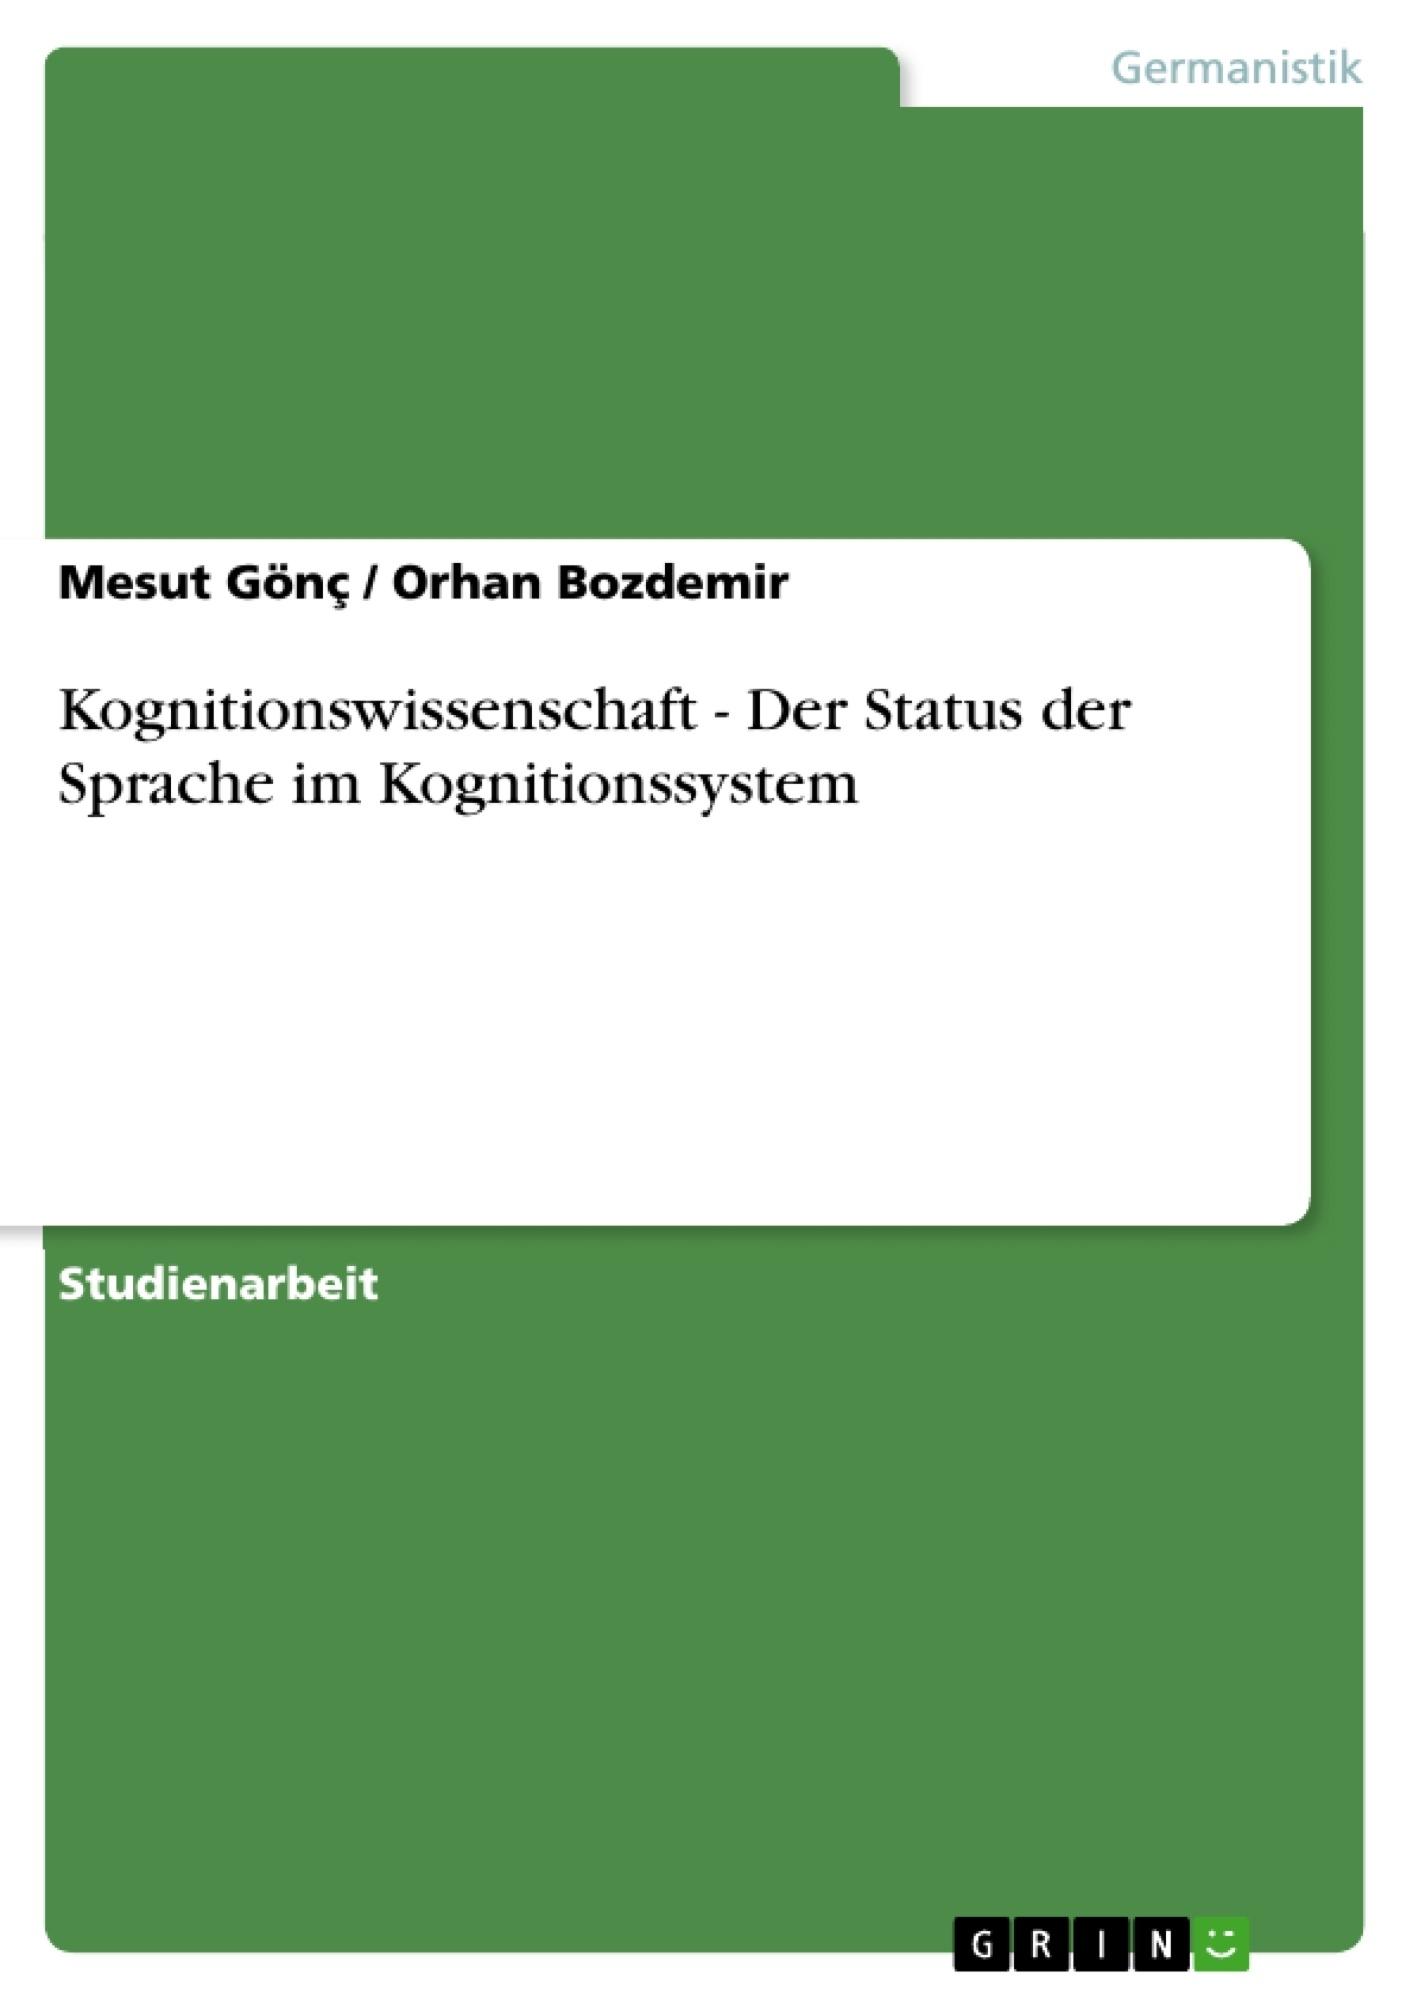 Titel: Kognitionswissenschaft -  Der Status der Sprache im Kognitionssystem